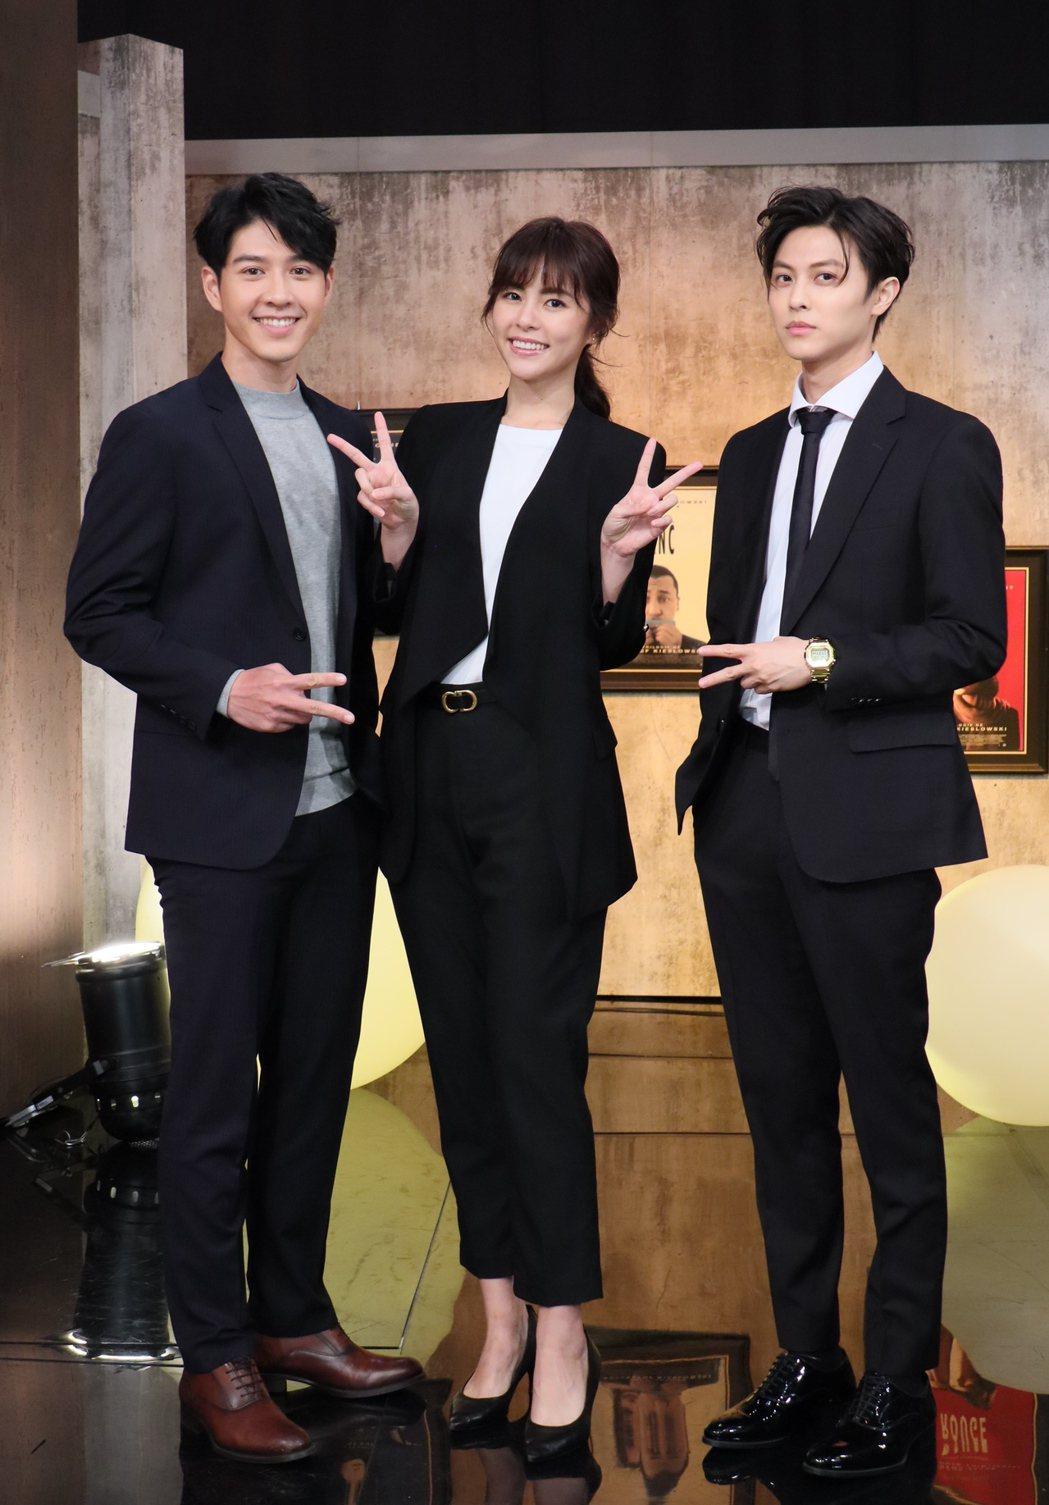 吳岳擎(左起)、任容萱、王子邱勝翊宣傳新戲《覆活》。圖/E!Studio藝鏡到底